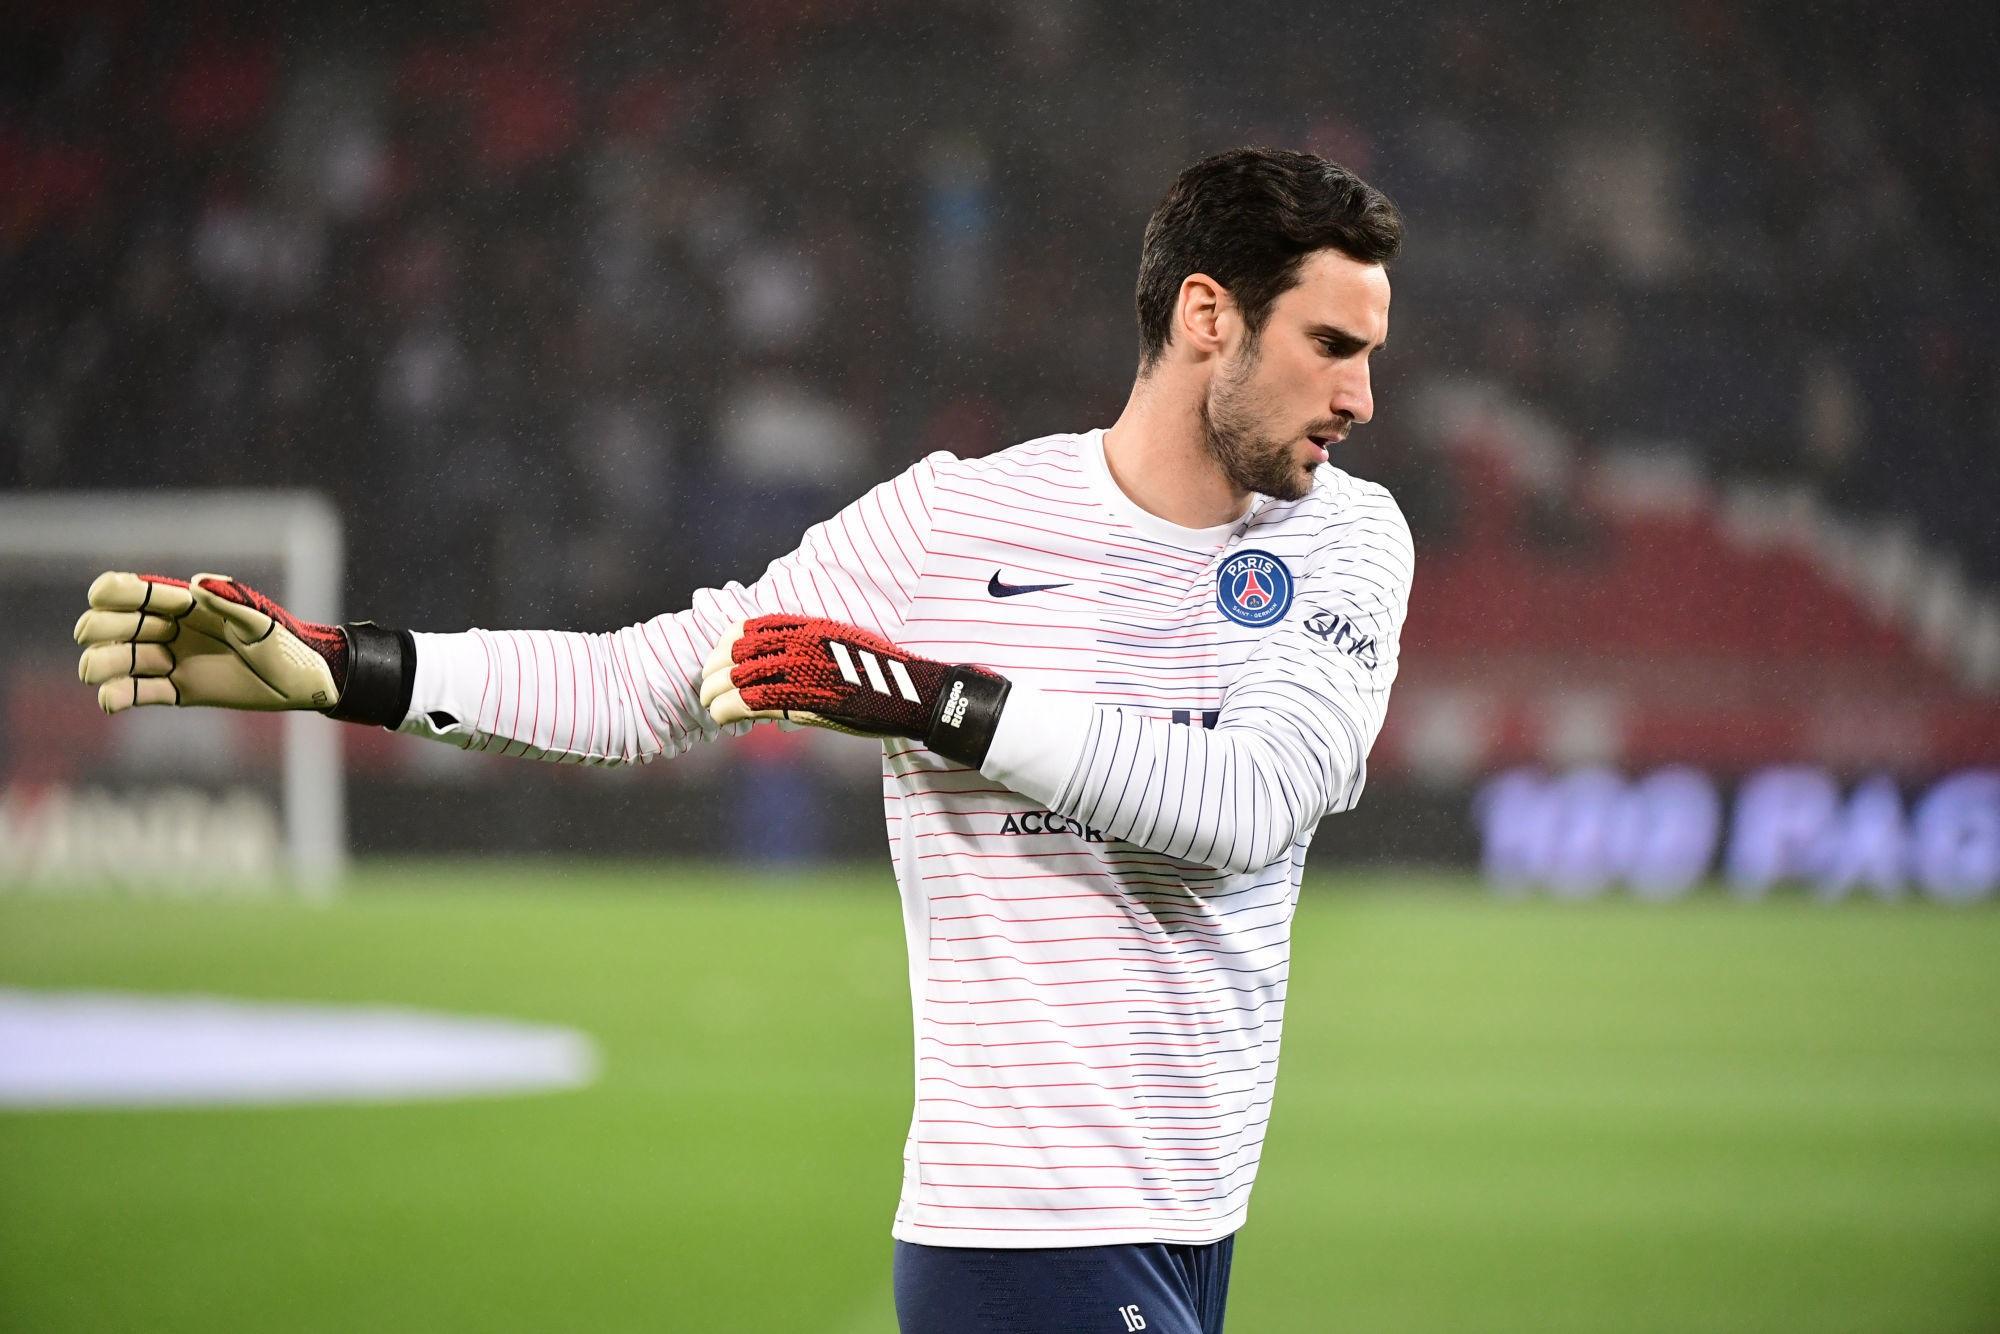 Mercato - L'agent de Rico confirme la piste Galatasaray, mais il pourrait rester au PSG